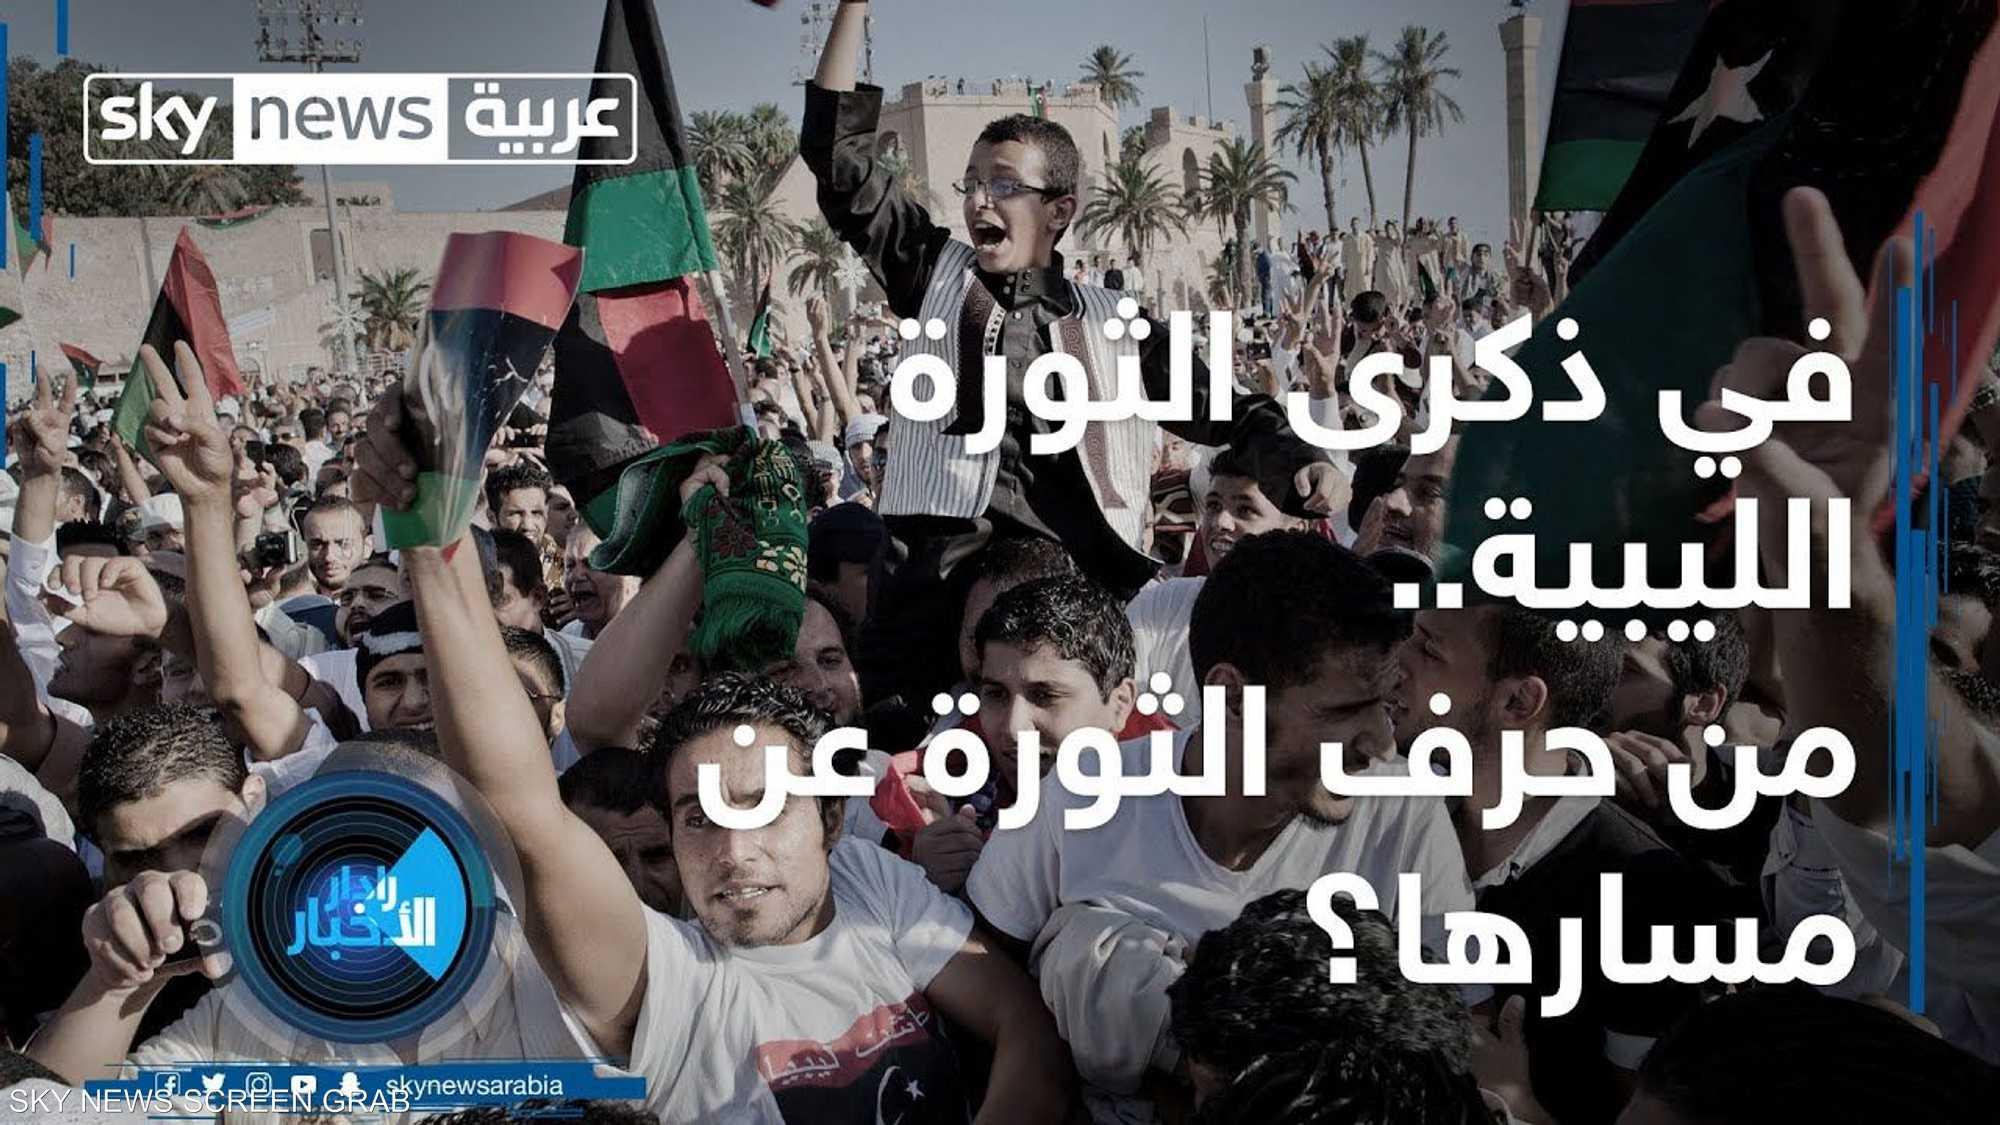 في ذكرى الثورة الليبية.. من حرف الثورة عن مسارها؟